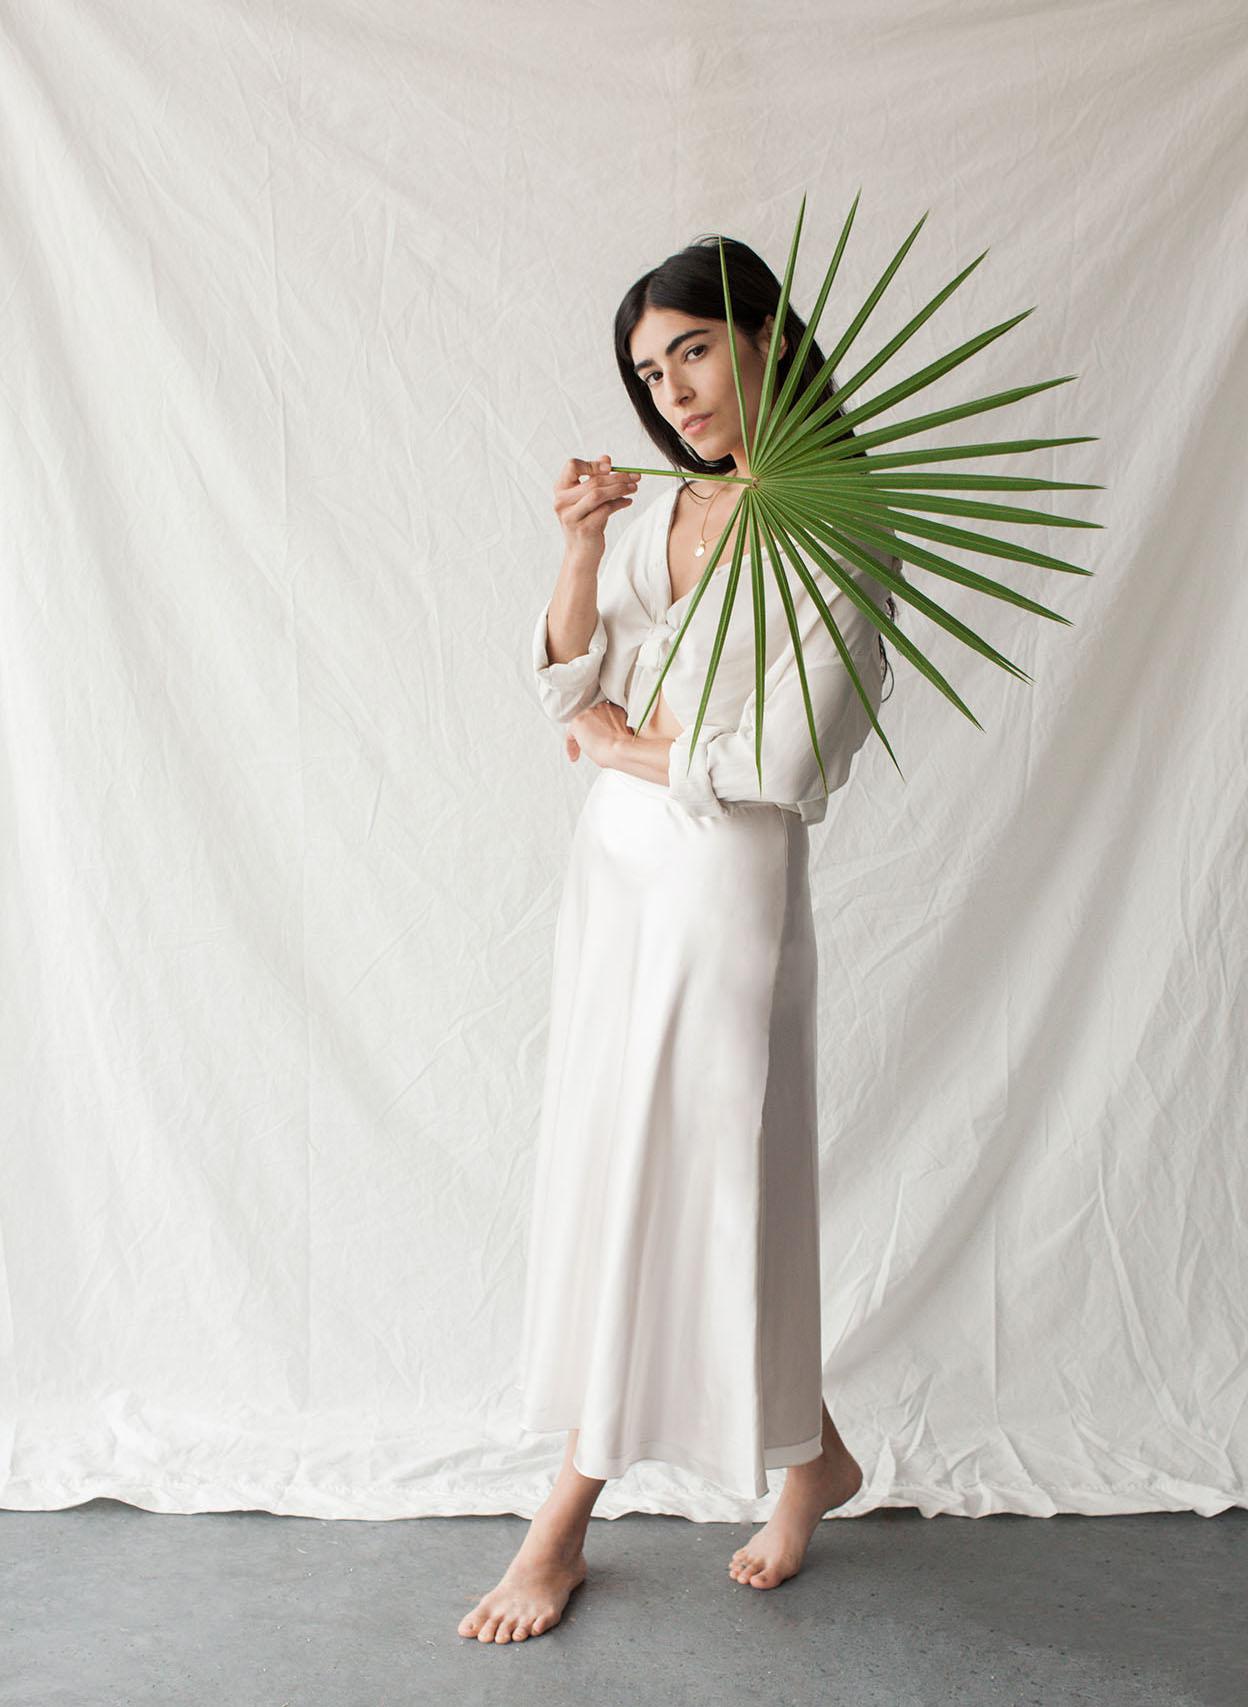 MAGGIE WU | Fashion